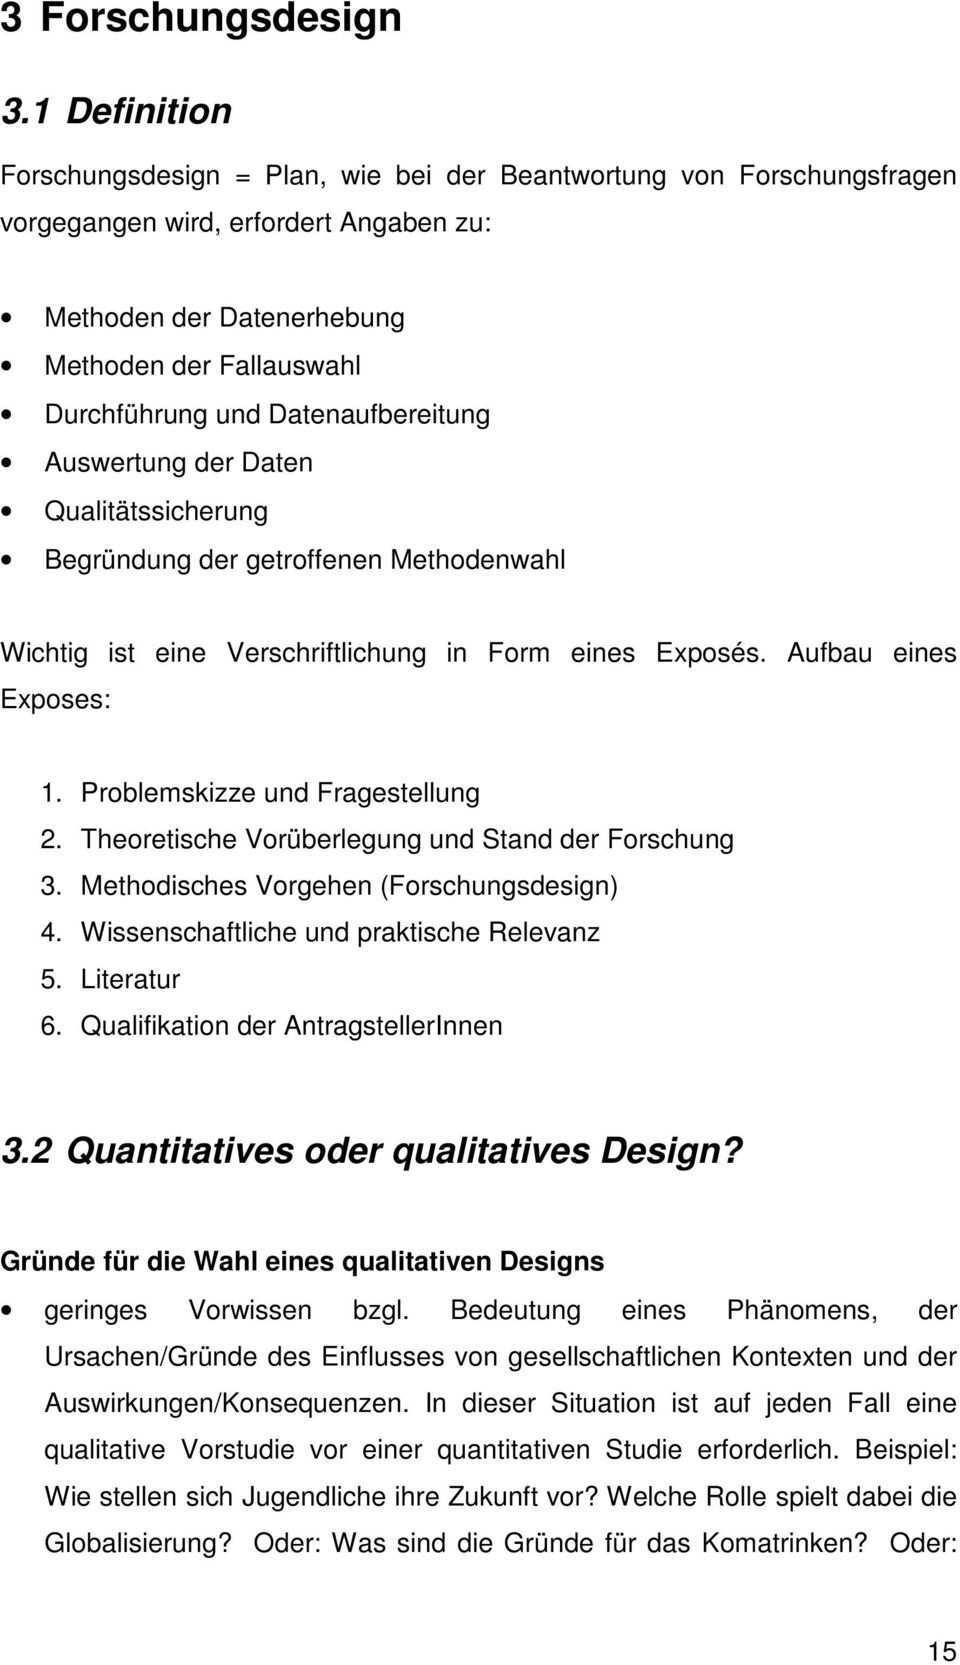 Einfuhrung In Die Qualitative Sozialforschung Pdf Free Download